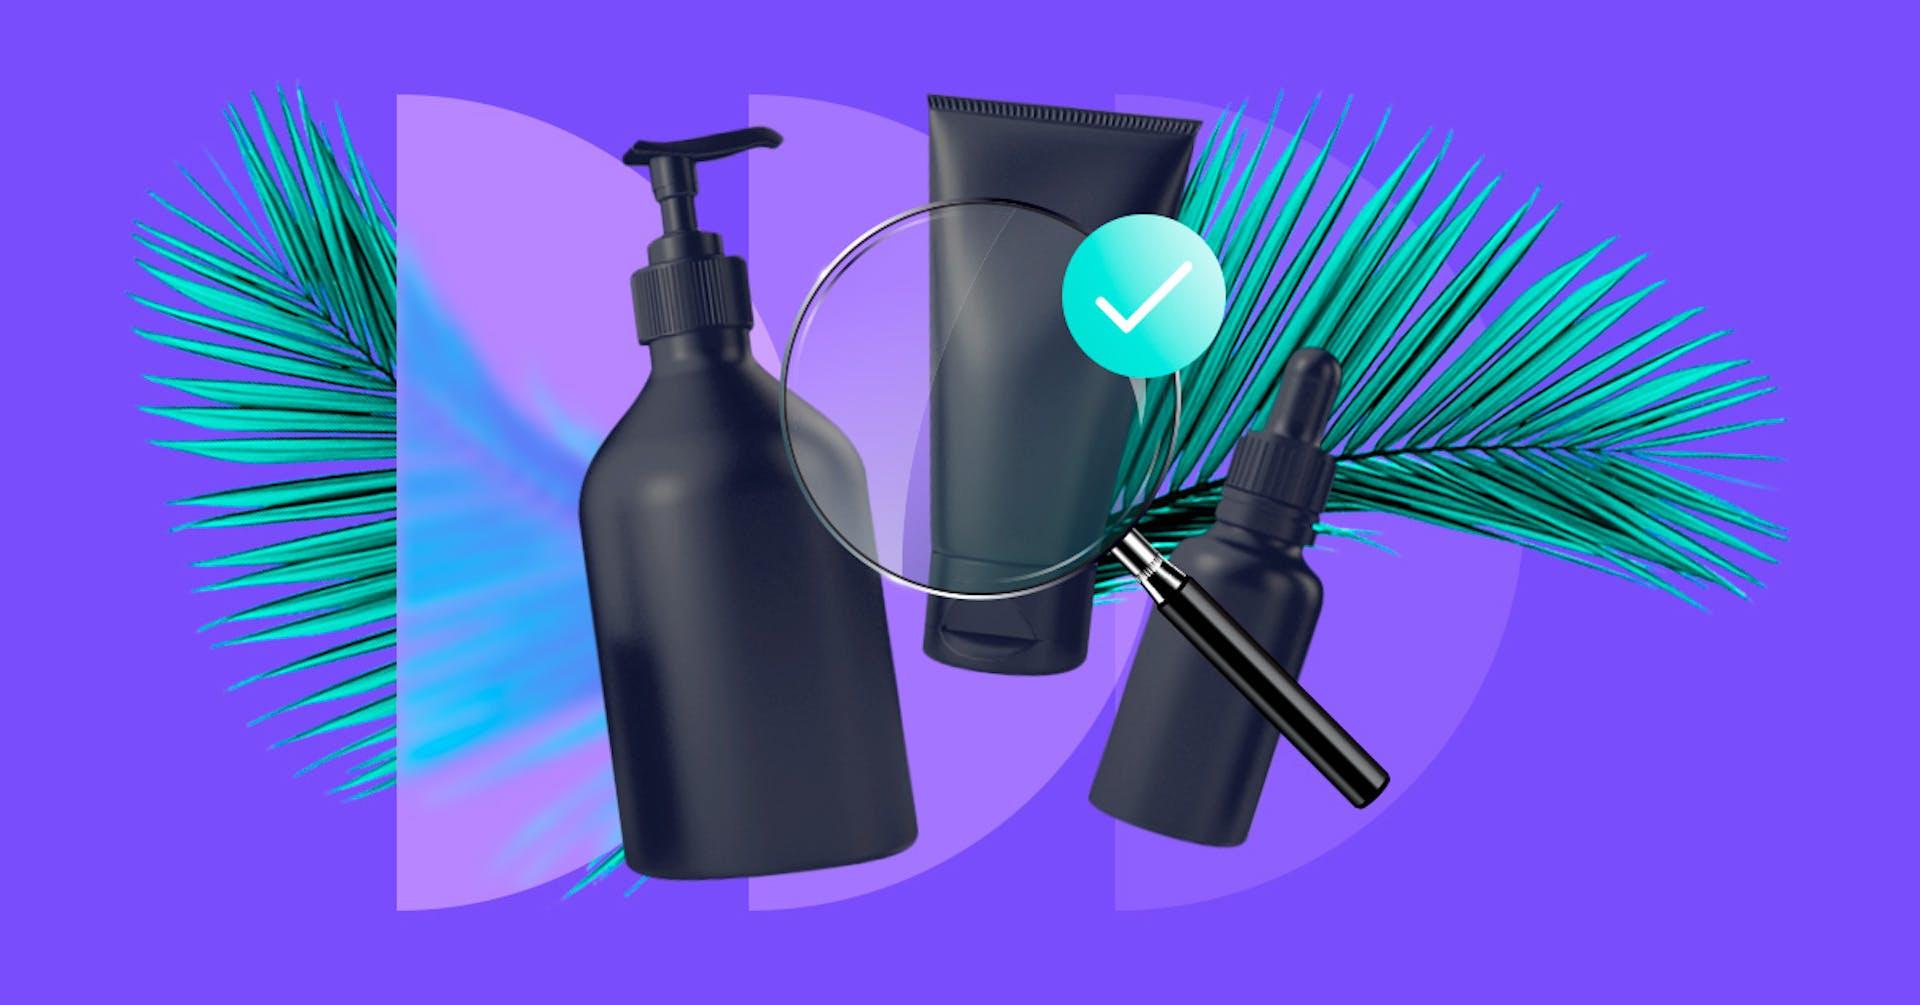 Productos para el cuidado de la piel: lo que deberías tener en cuenta antes de adquirirlos